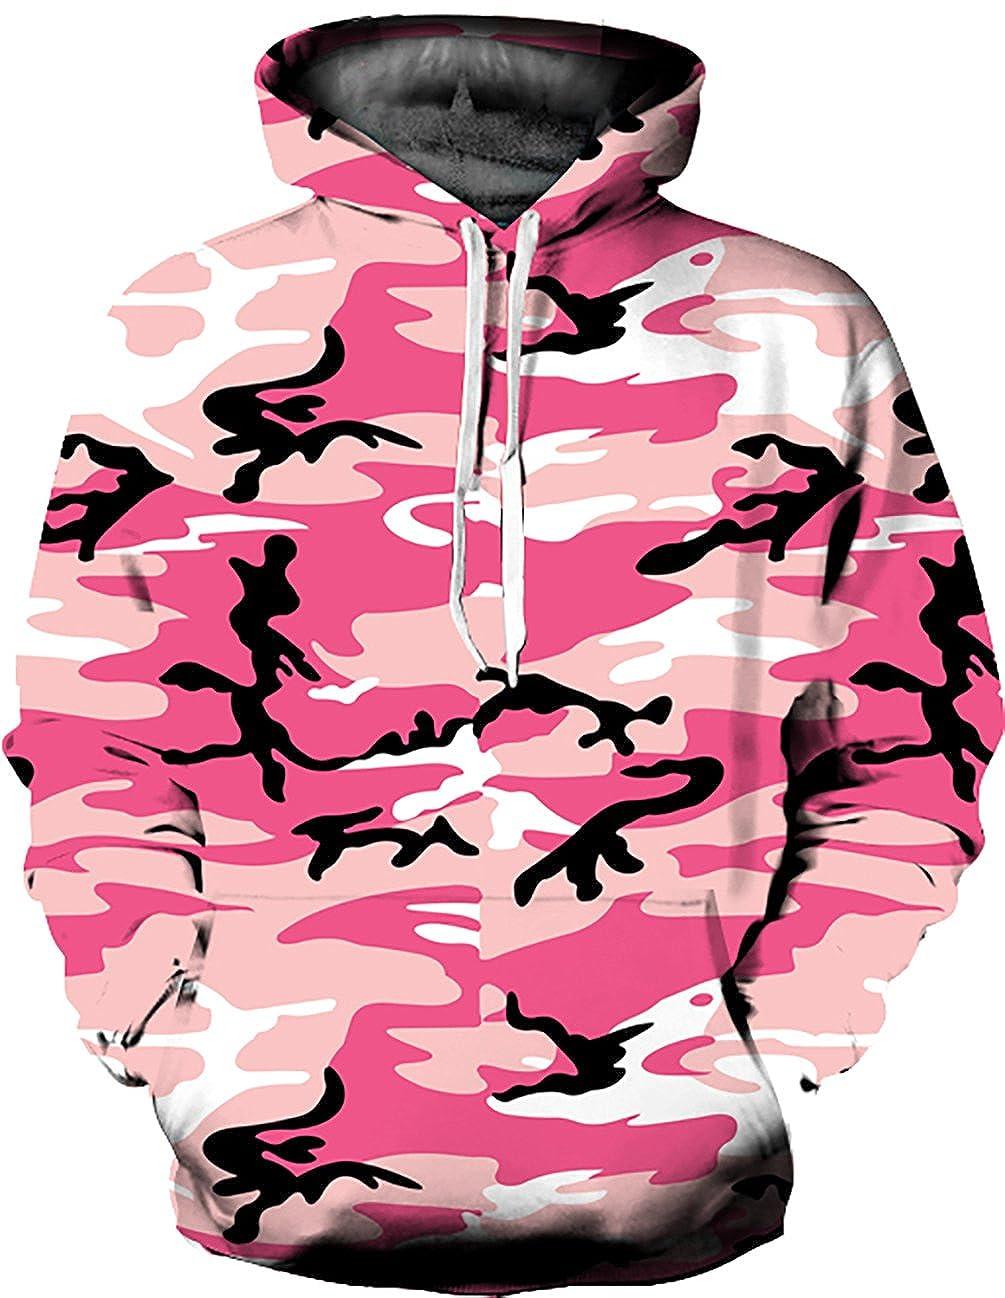 KamiraCoco Unisex 3D Digital Druck Bunte Kapuzenpullover Hoodie Langarm Damen und Herren Cartoon Weihnachten Sweatshirt Pullover